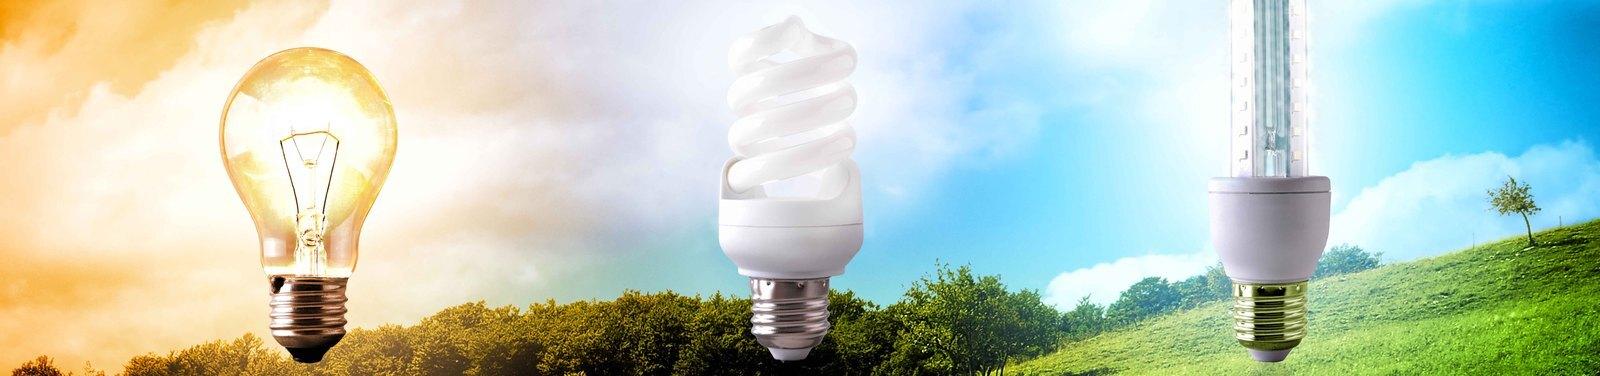 LED Beleuchtung für Innen und Außen